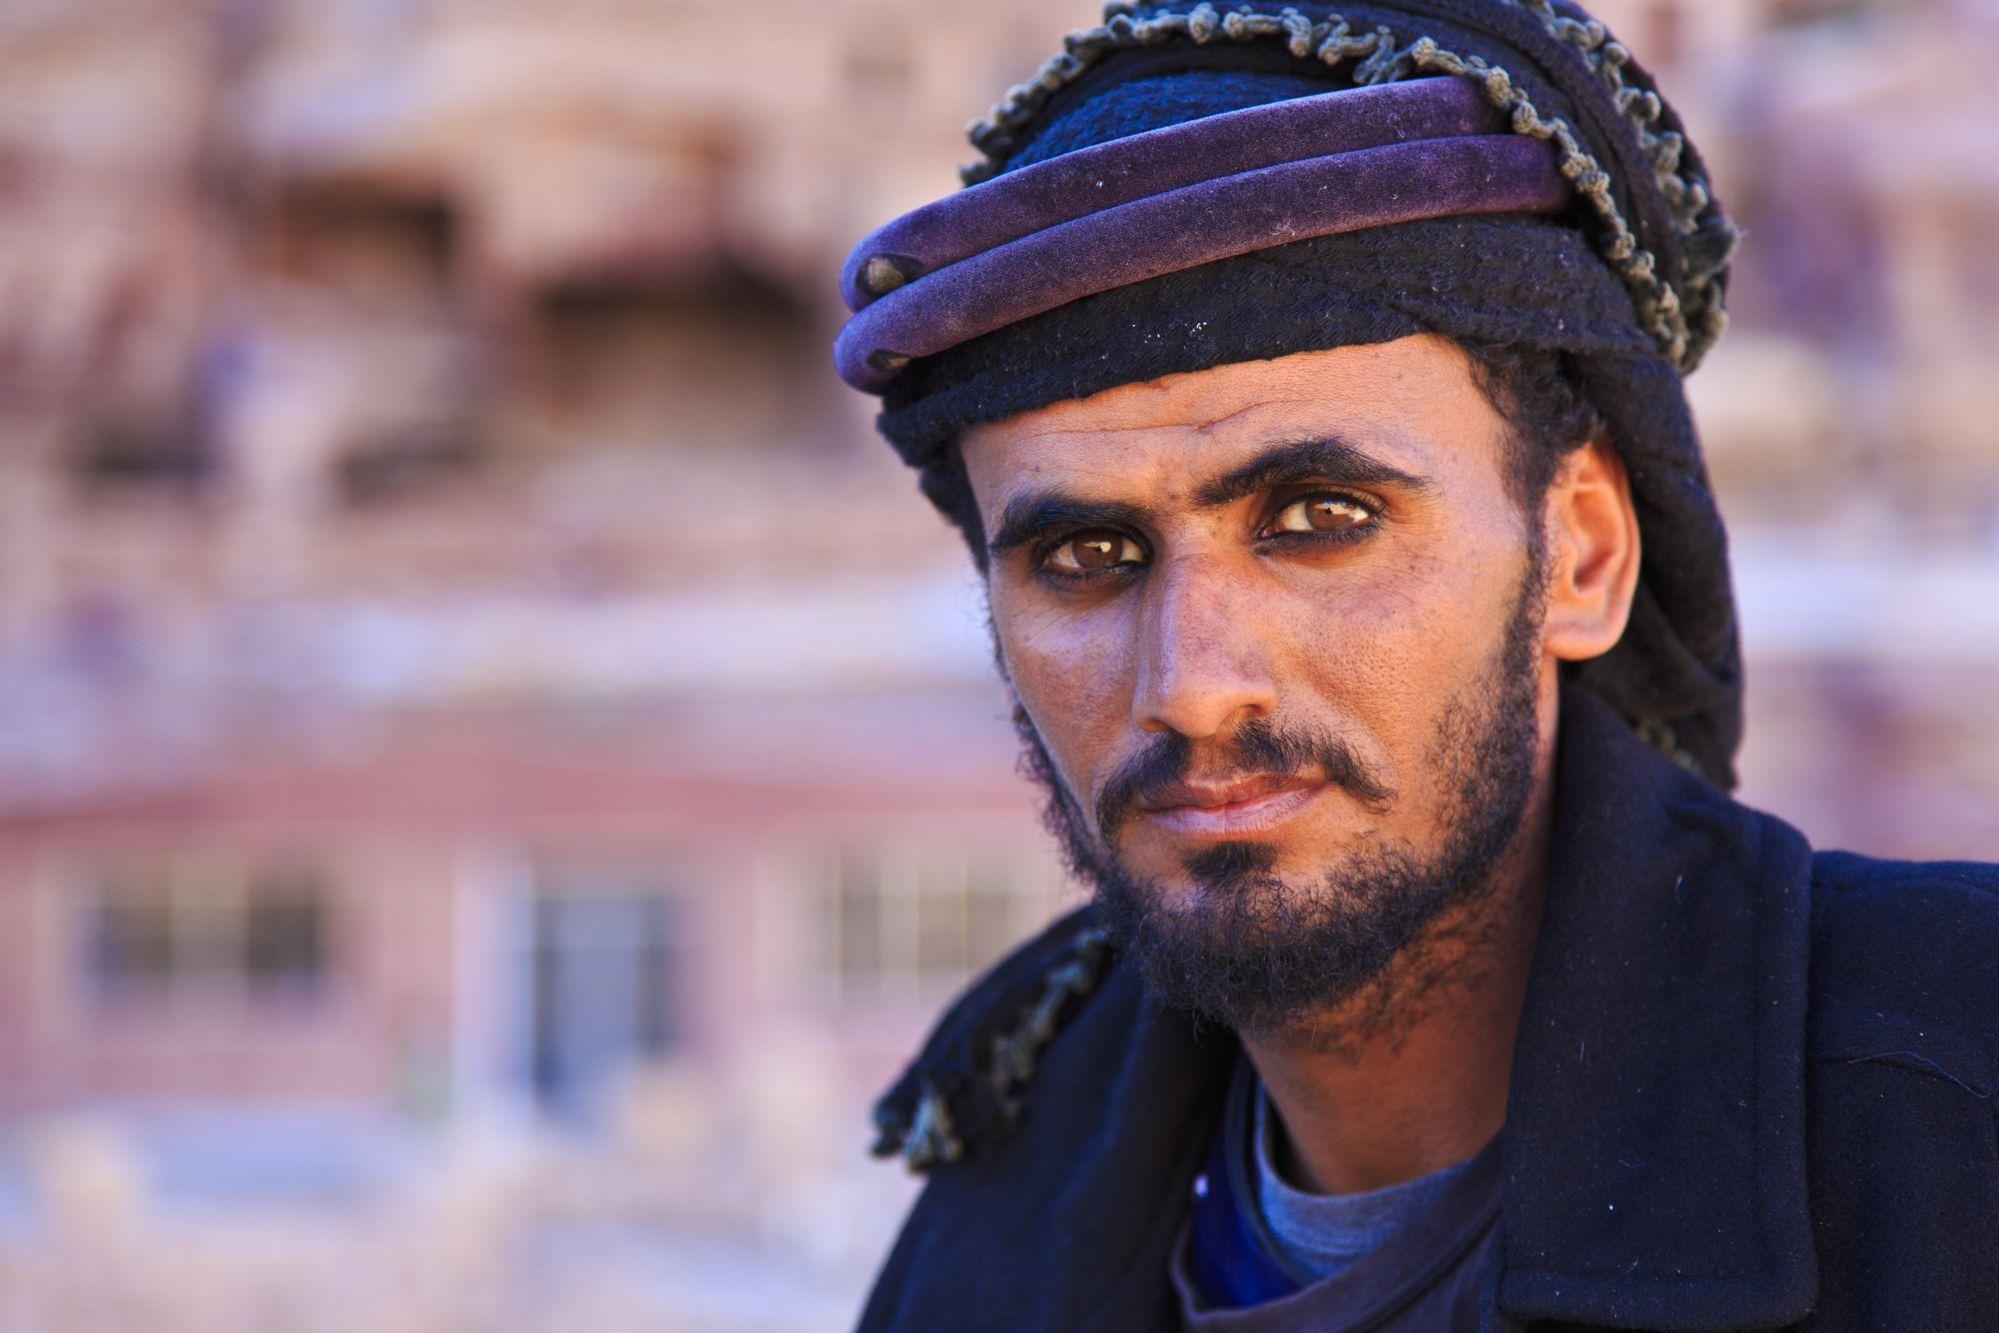 Jordanija-Beduin